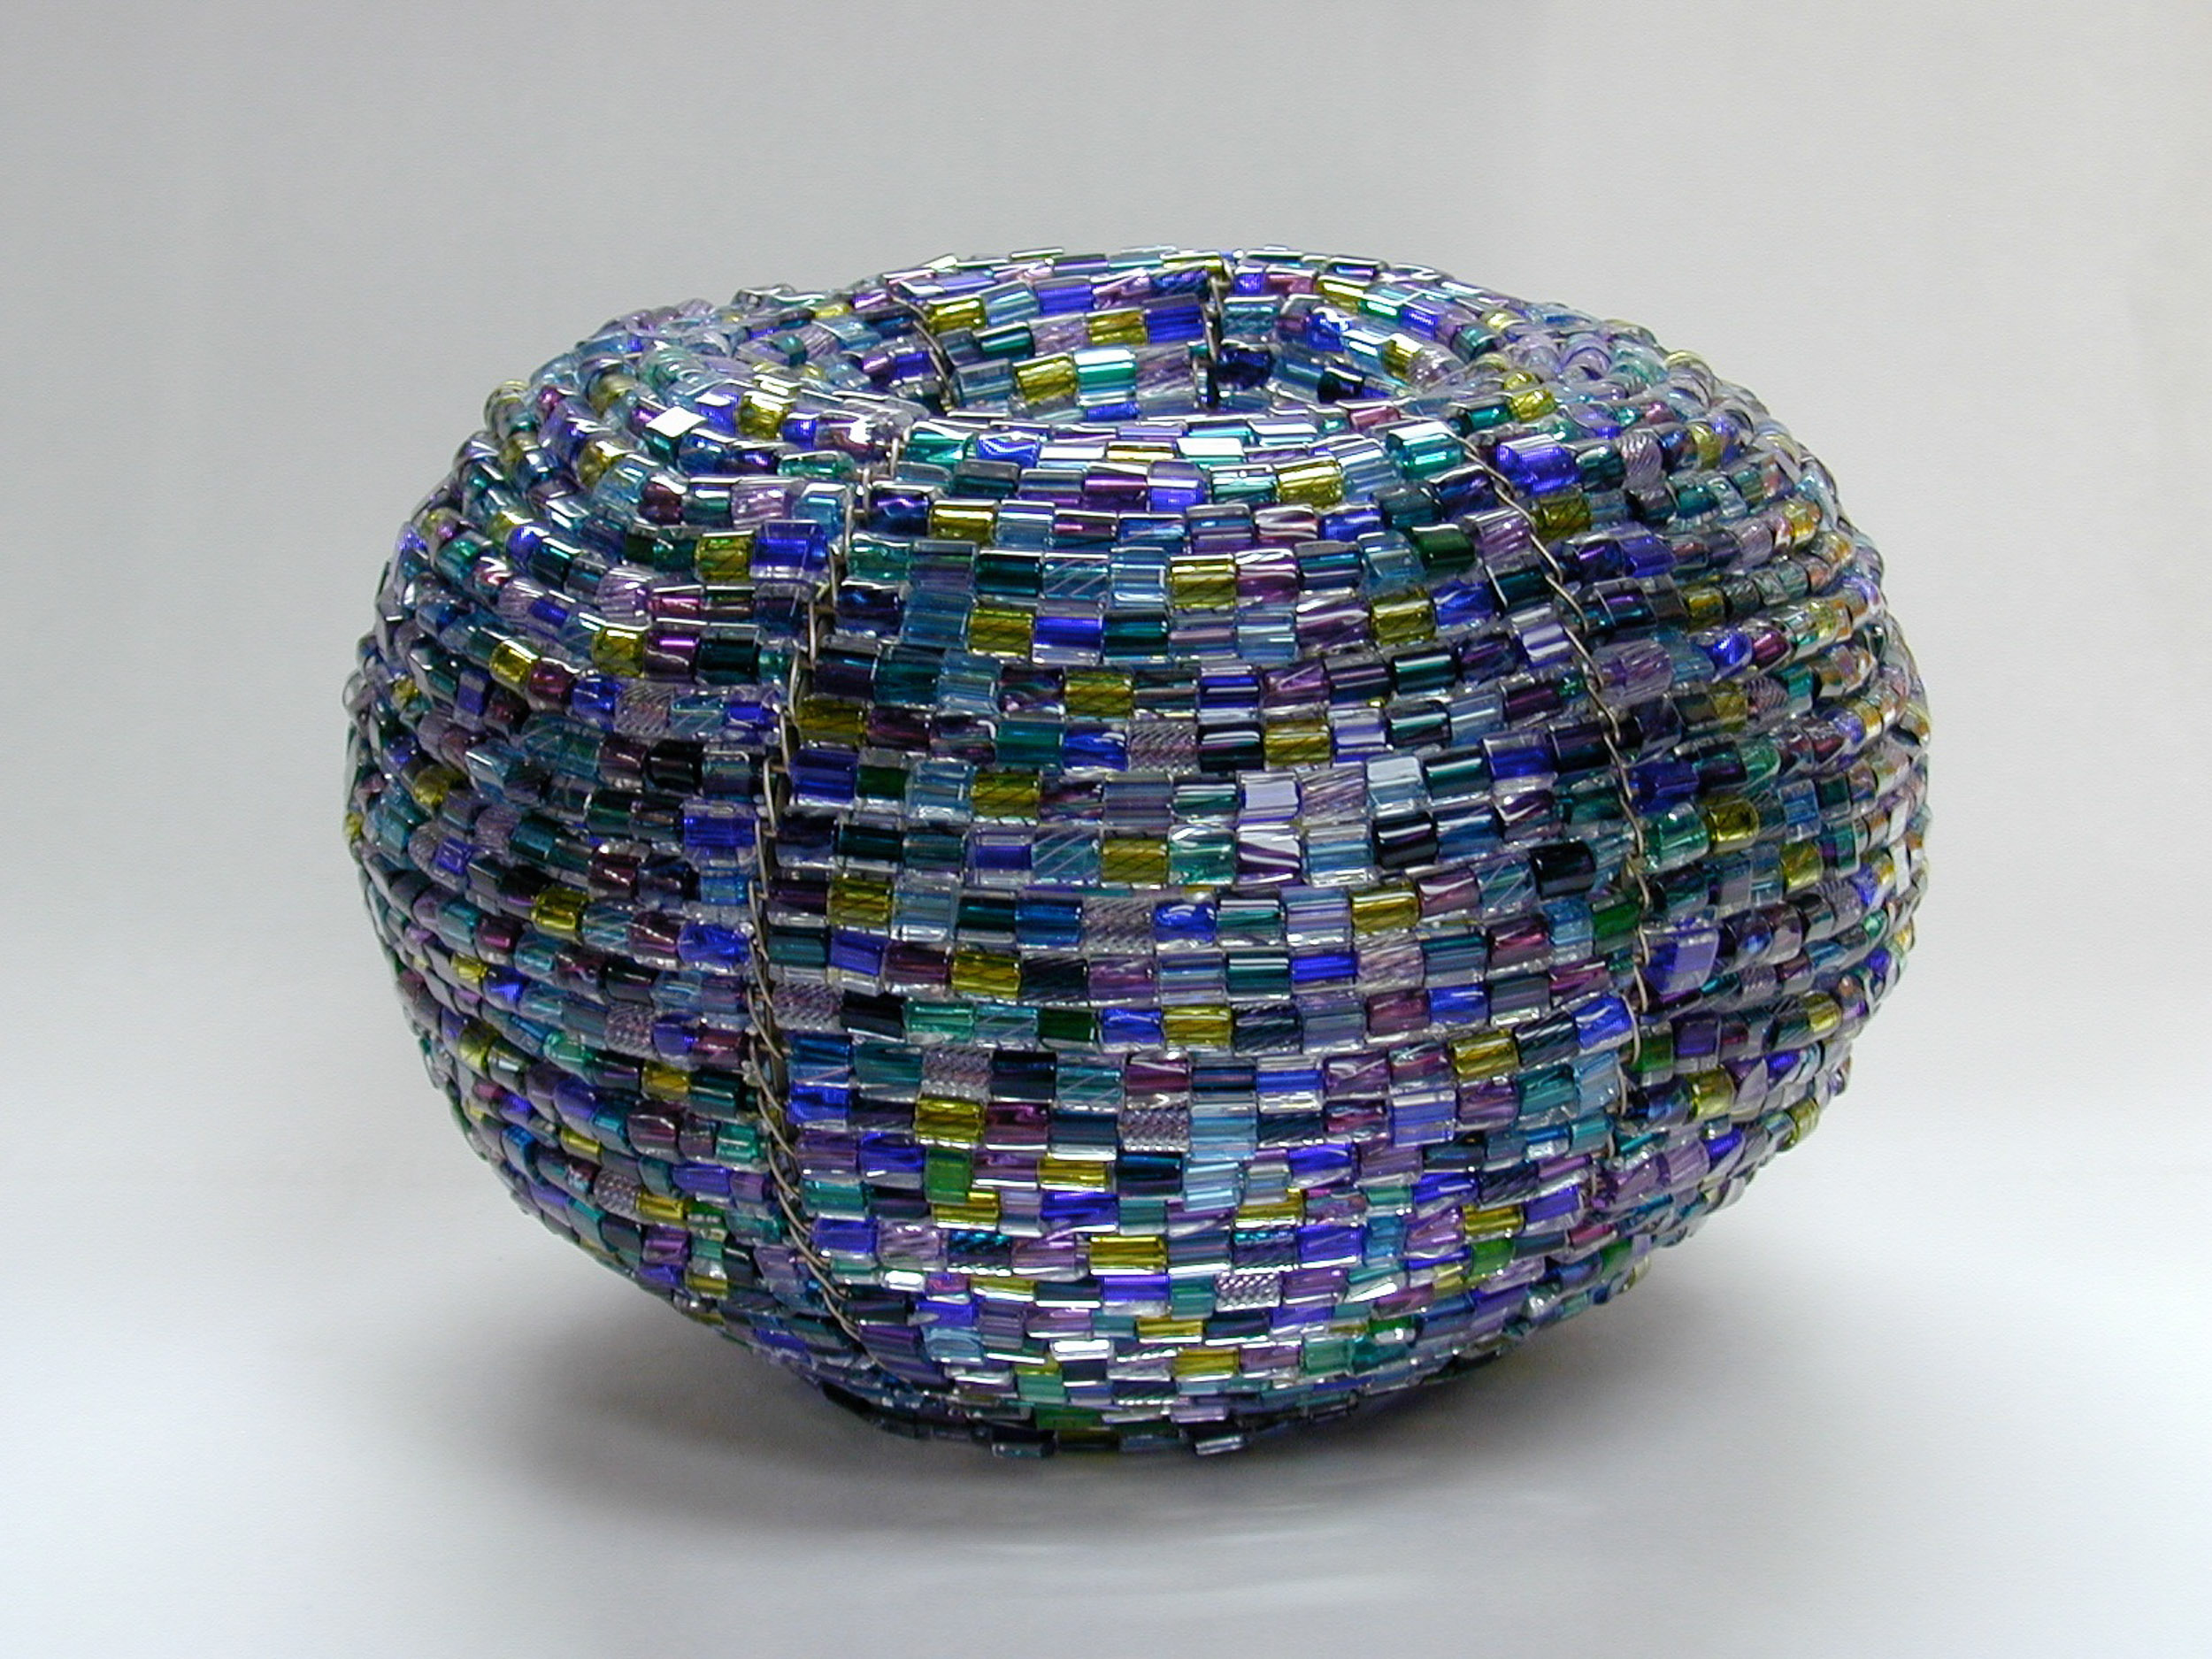 Olive-Glass_Italian-Art-Glass_Corrie-Haight_Lark-Dalton-19981231.jpg